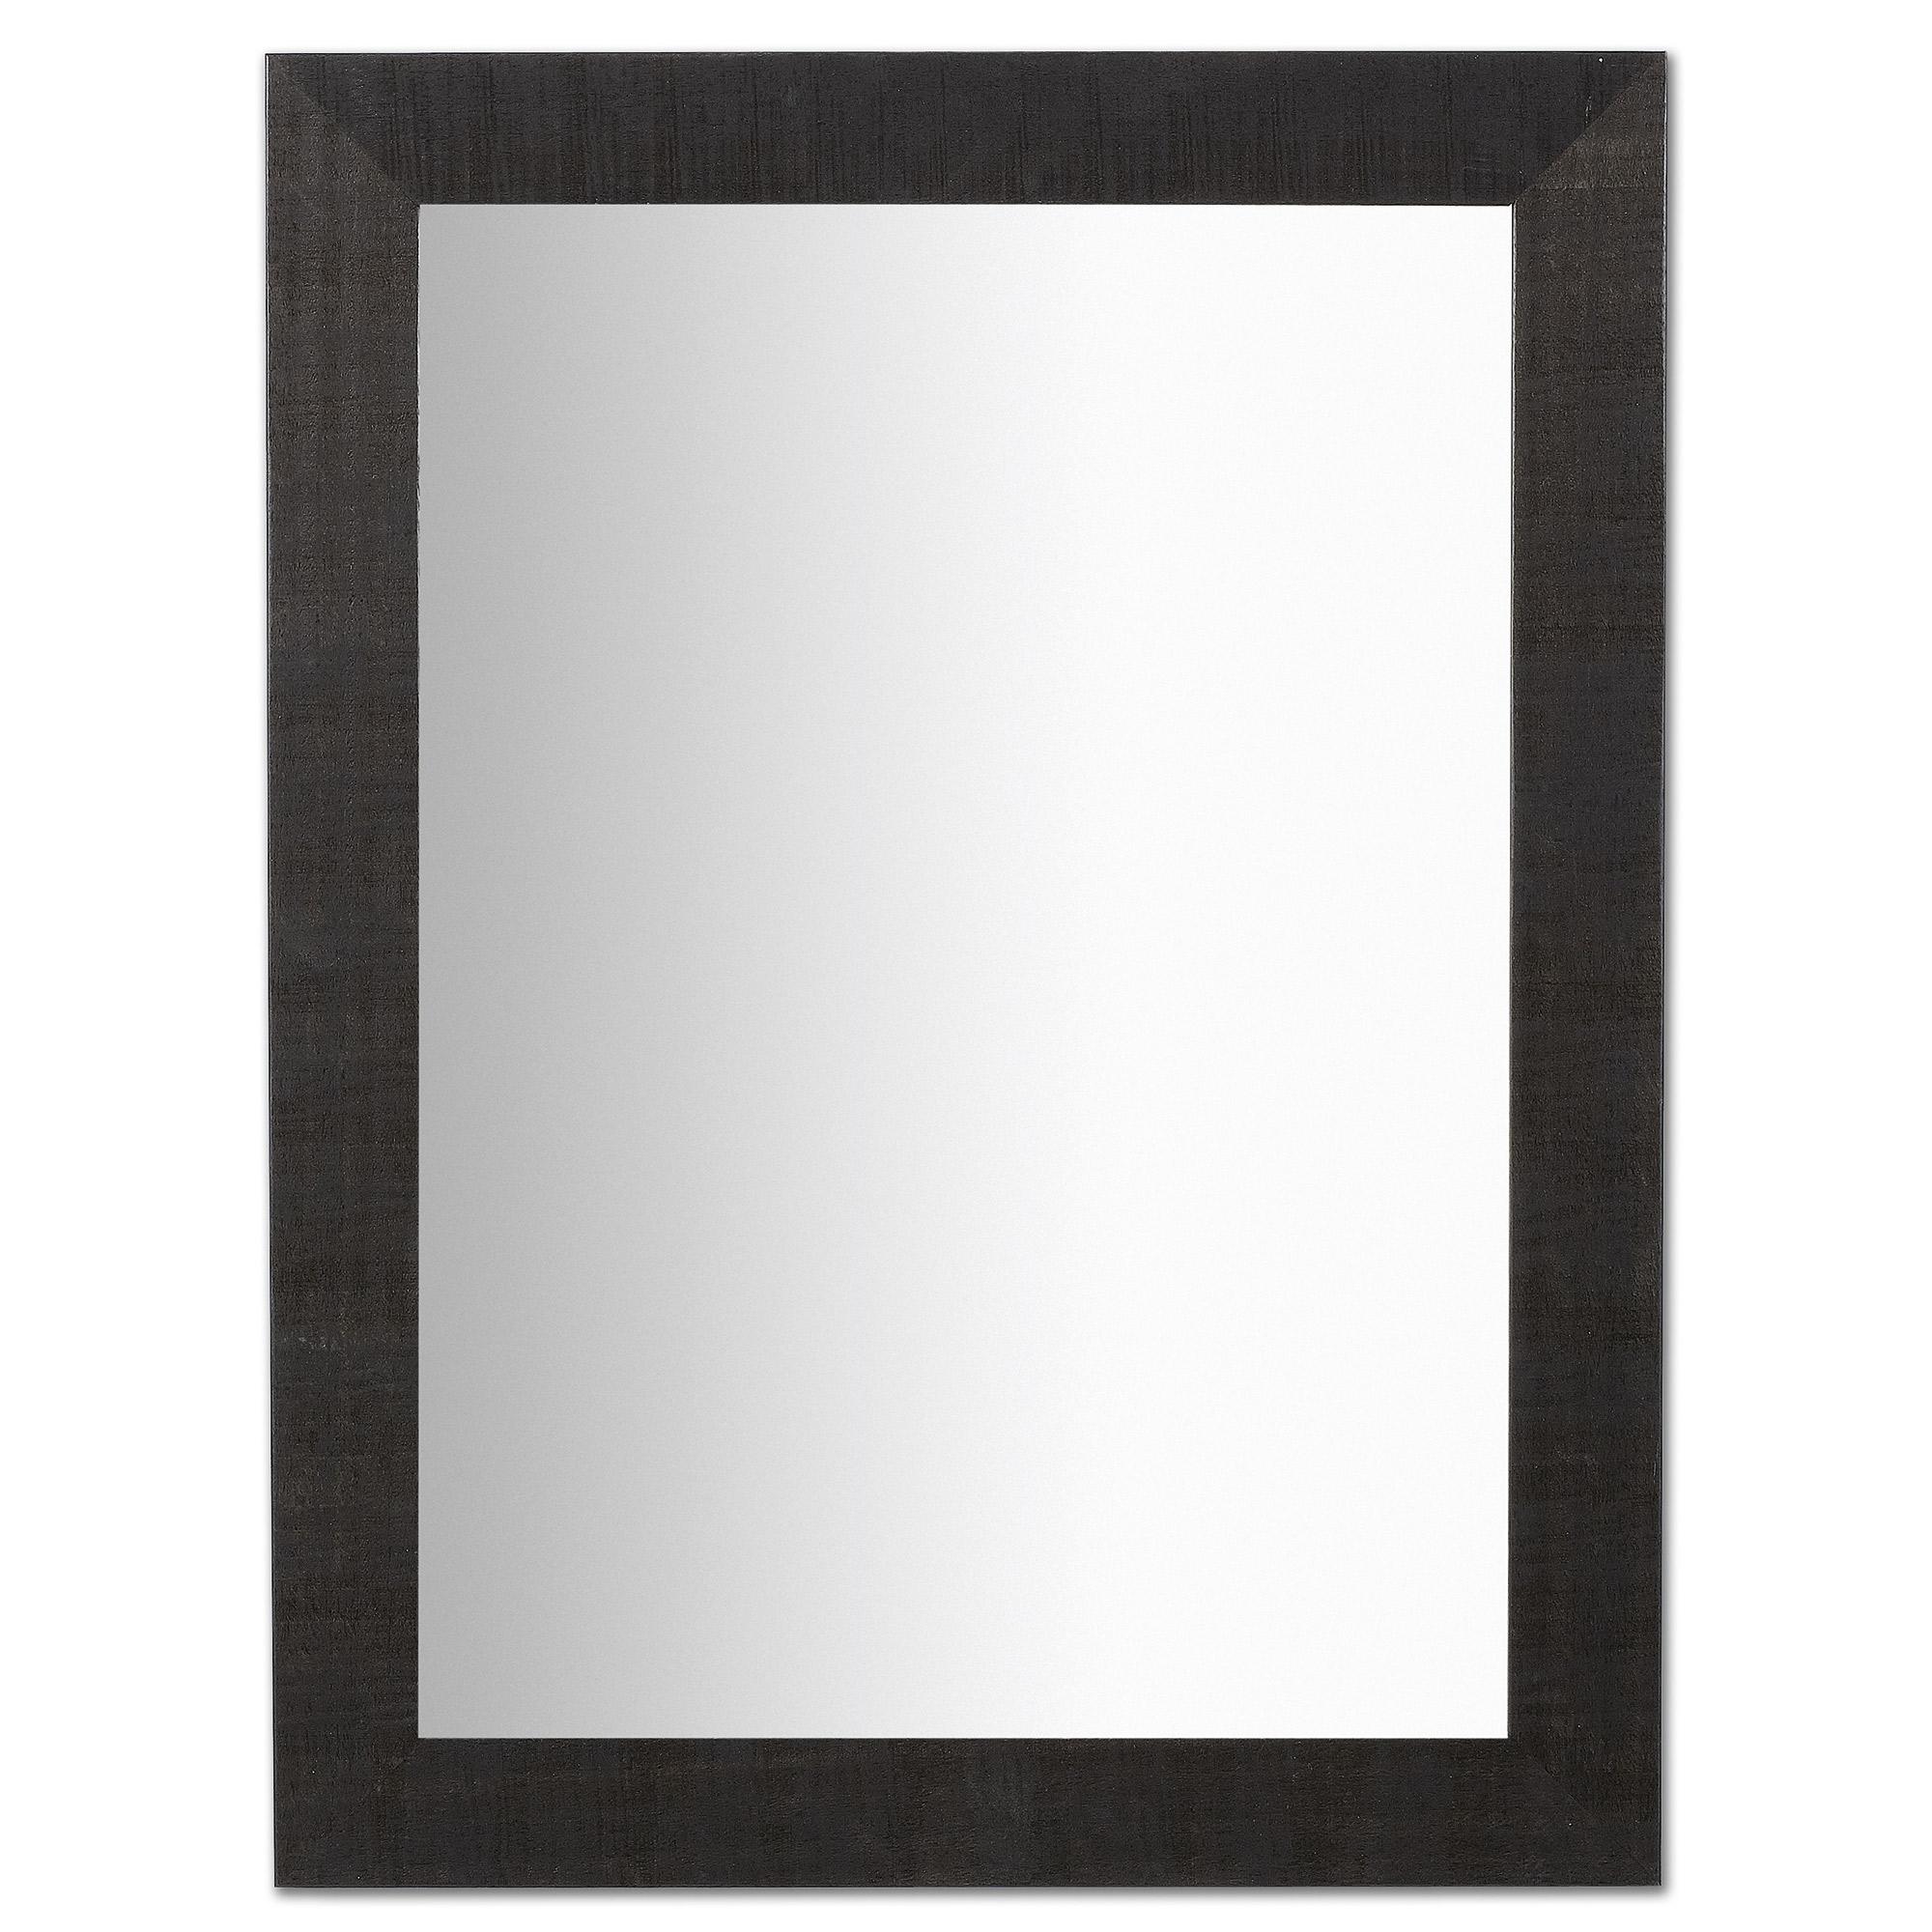 Kave Home Spiegel 'Seven', 82 x 62cm, kleur zwart